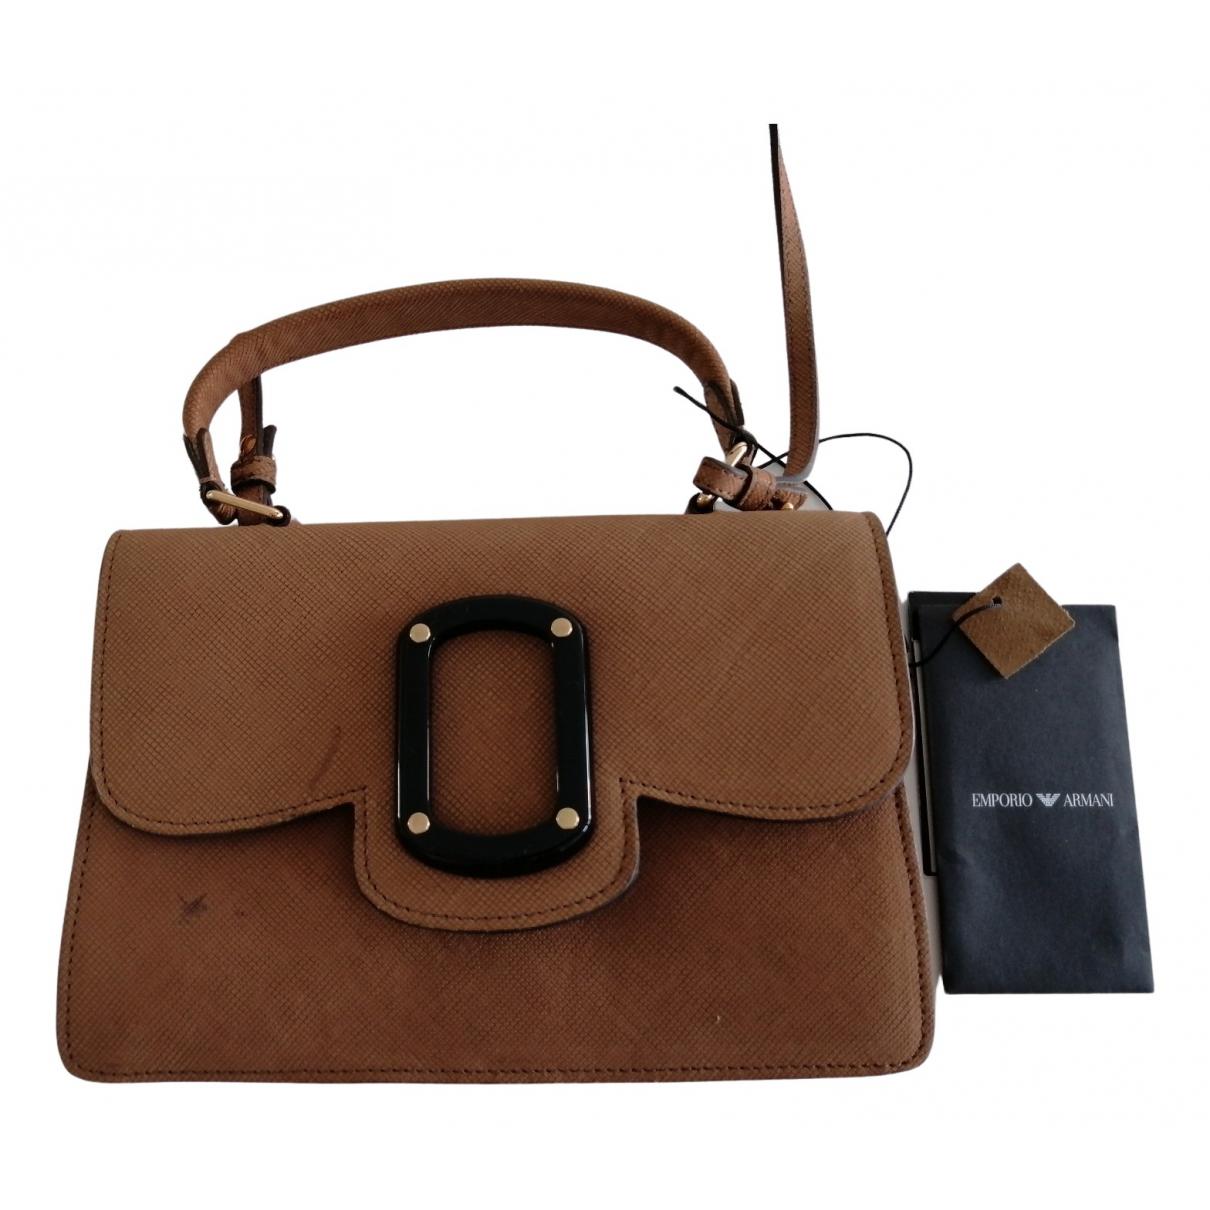 Emporio Armani \N Camel Leather handbag for Women \N